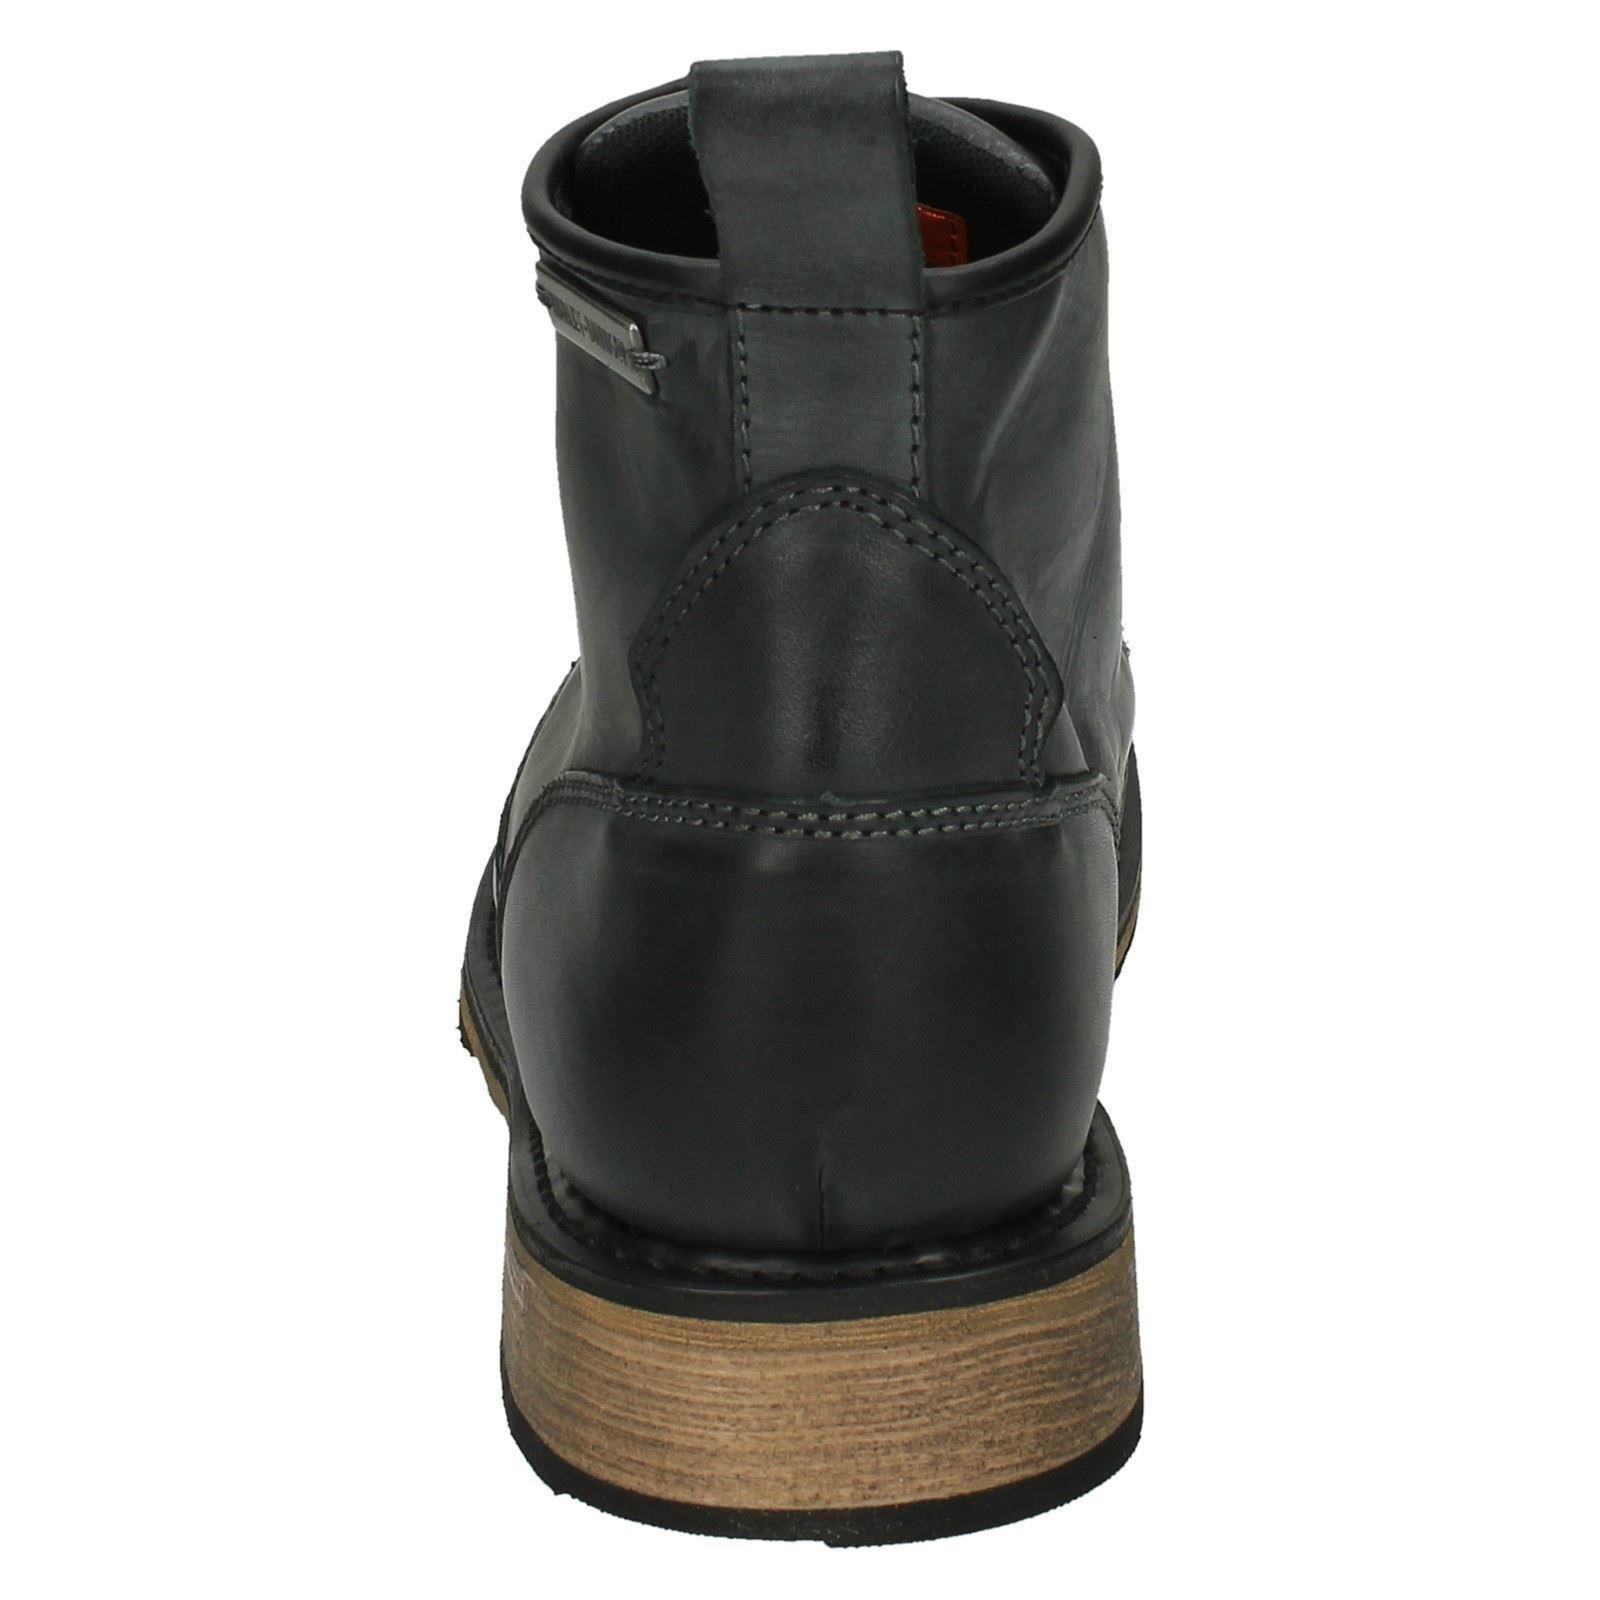 Mens Davidson Harley Davidson Mens Ankle Boots Label Joshua 8481a0